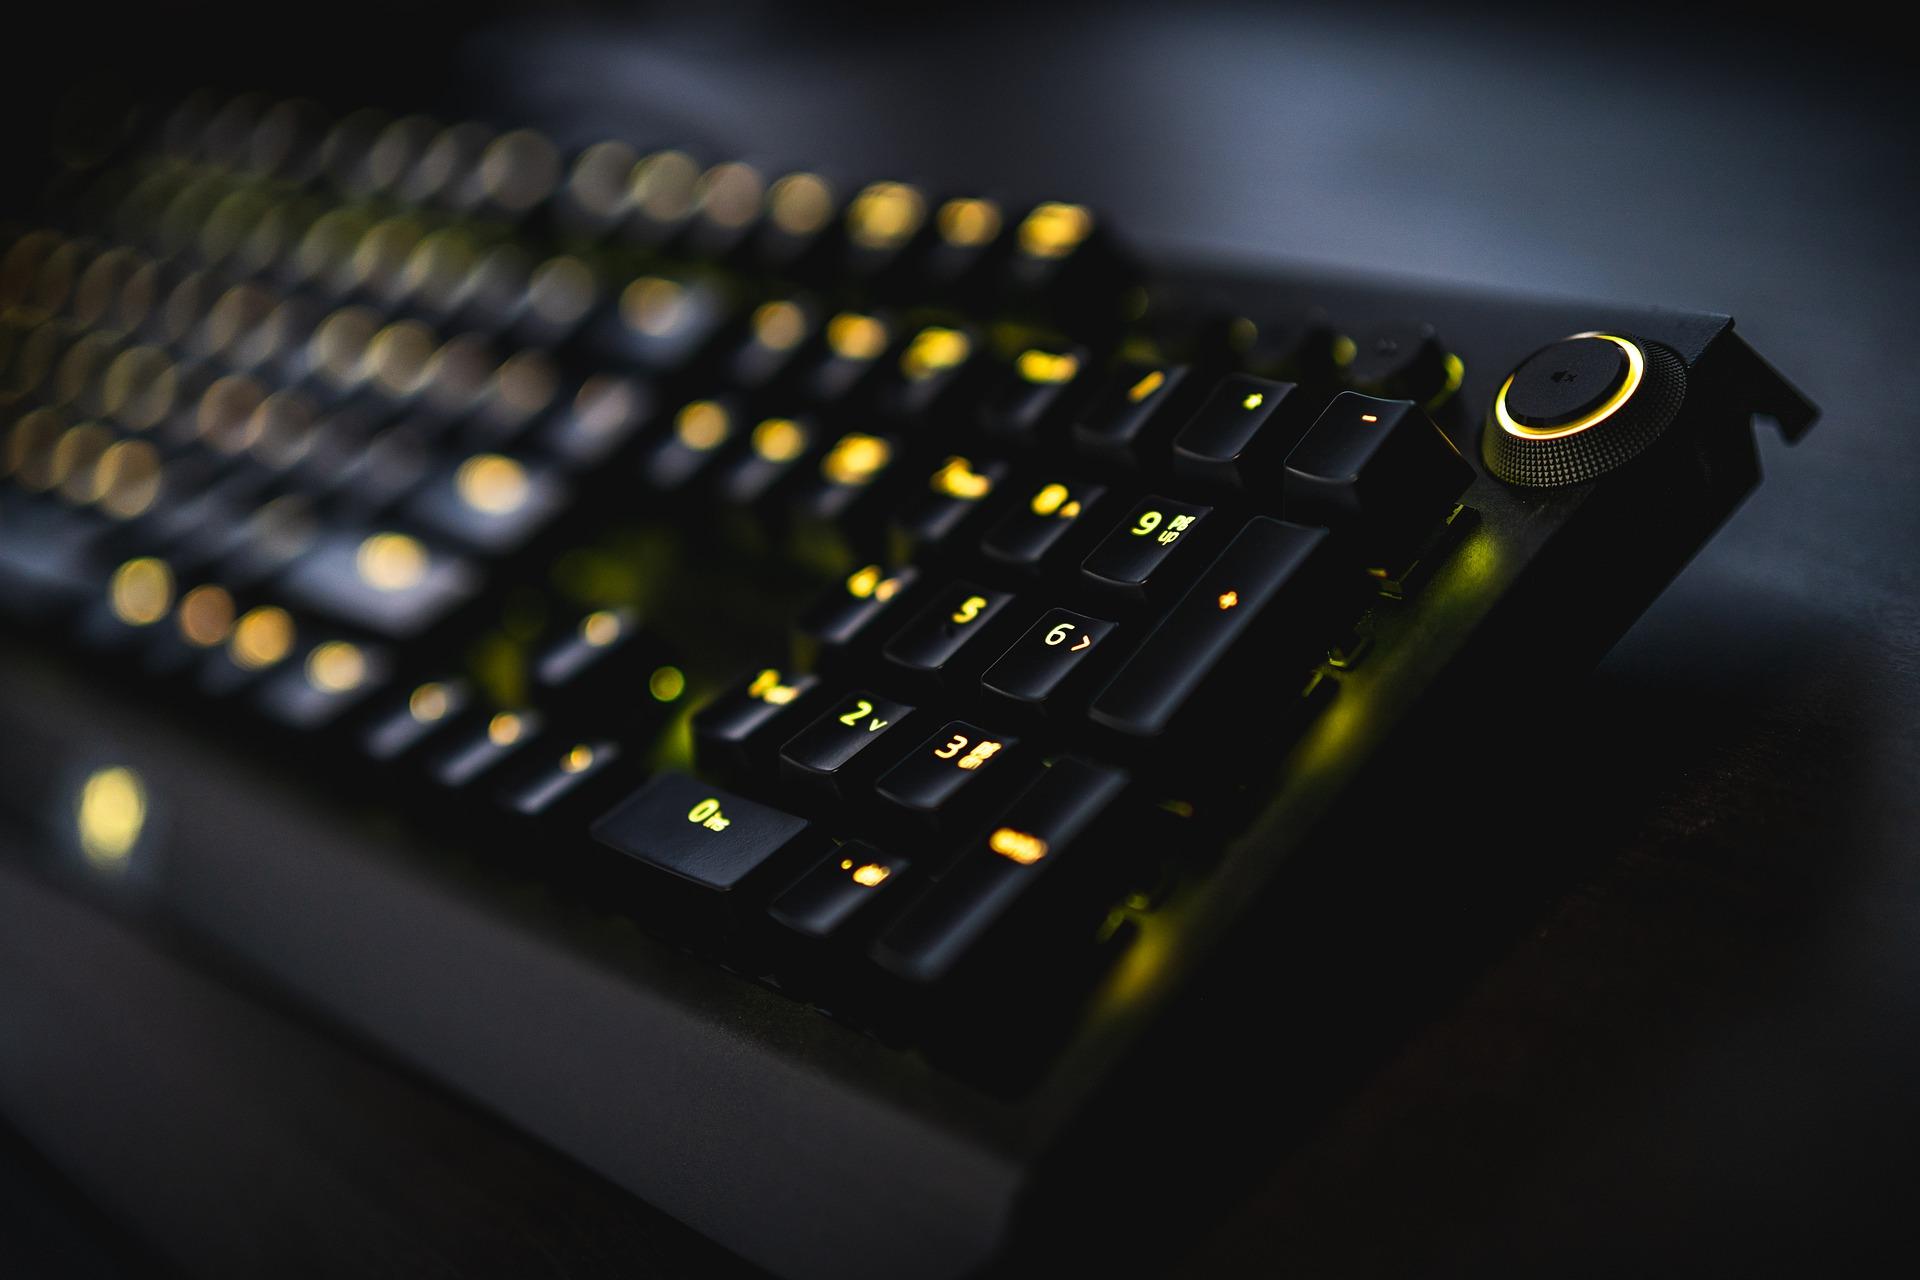 Imagem mostra um teclado em destaque.